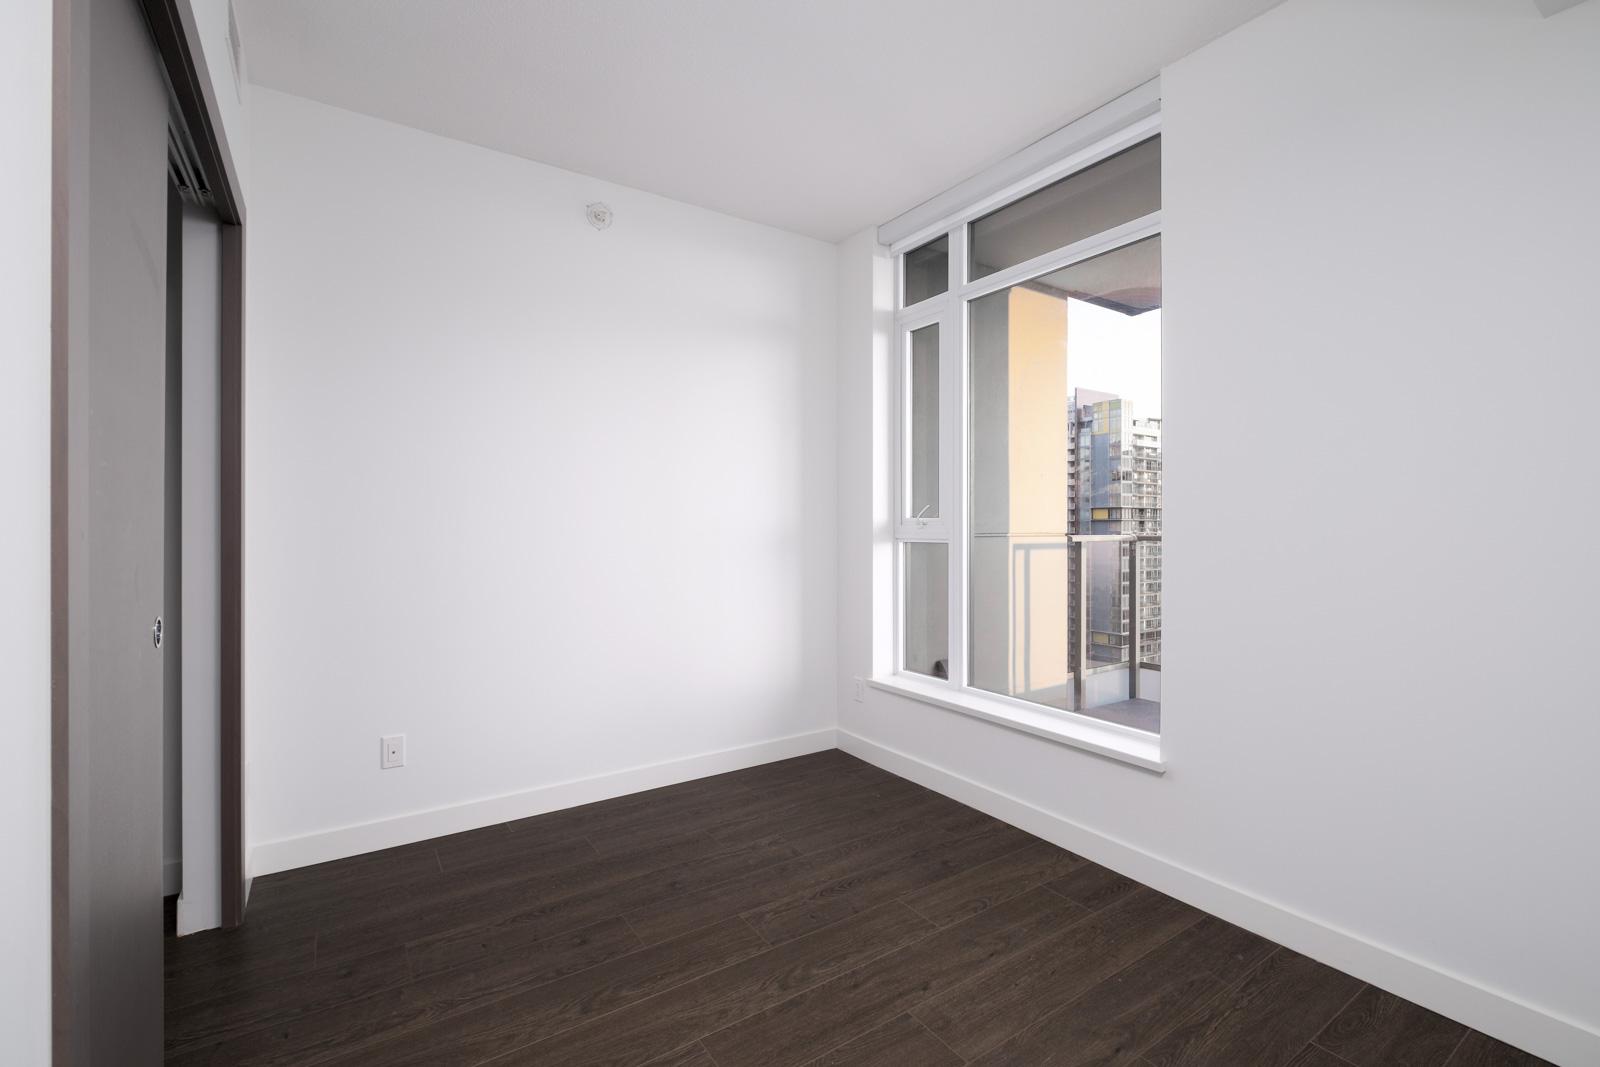 living room with hardwood floors in rental condo in the metrotown neighborhood of Burnaby